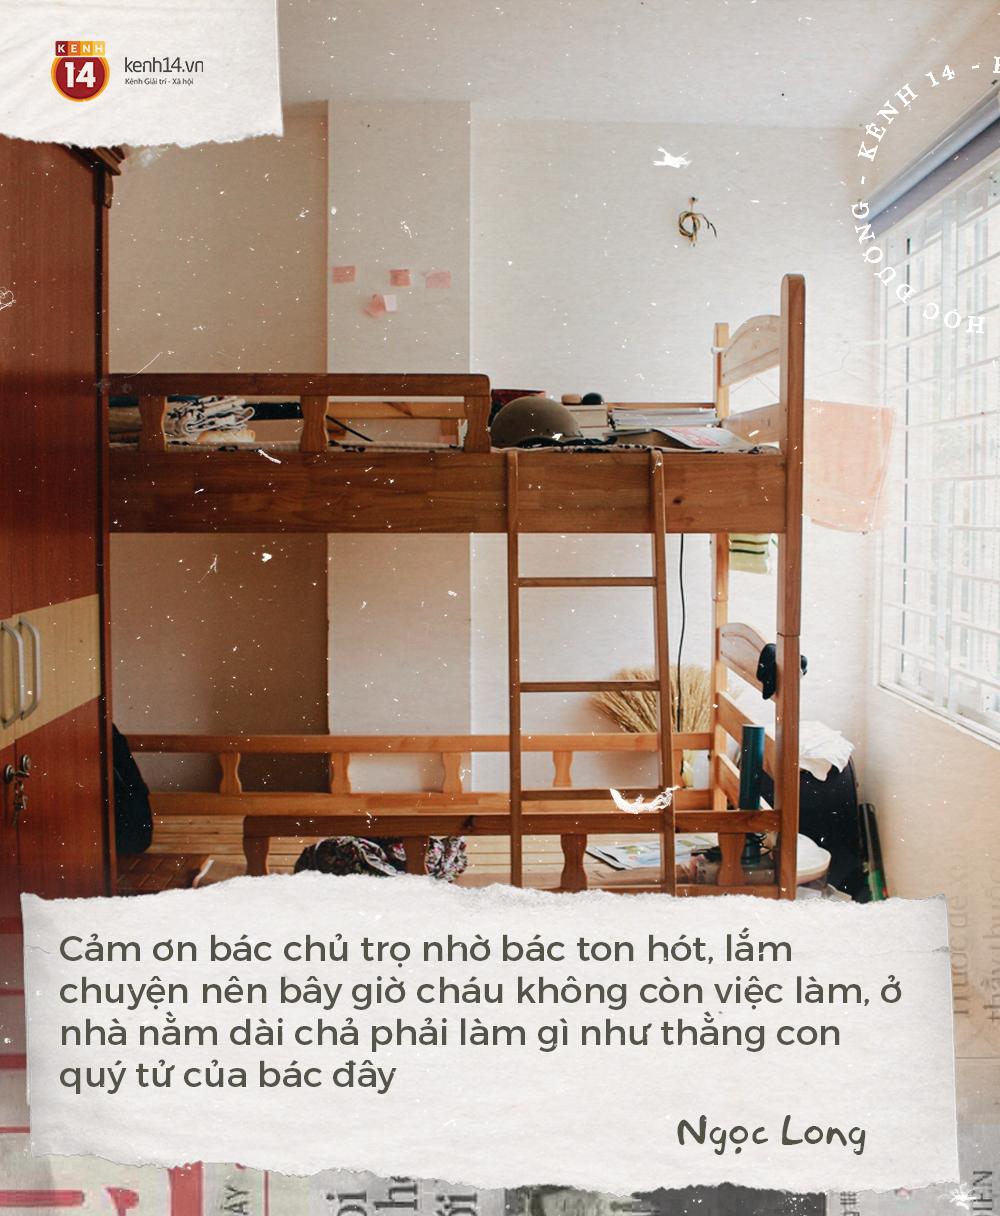 Những màn bóc phốt chủ trọ cực gắt của khách thuê nhà: Không có chủ ghê gớm nhất, chỉ có chủ ghê gớm hơn - Ảnh 7.